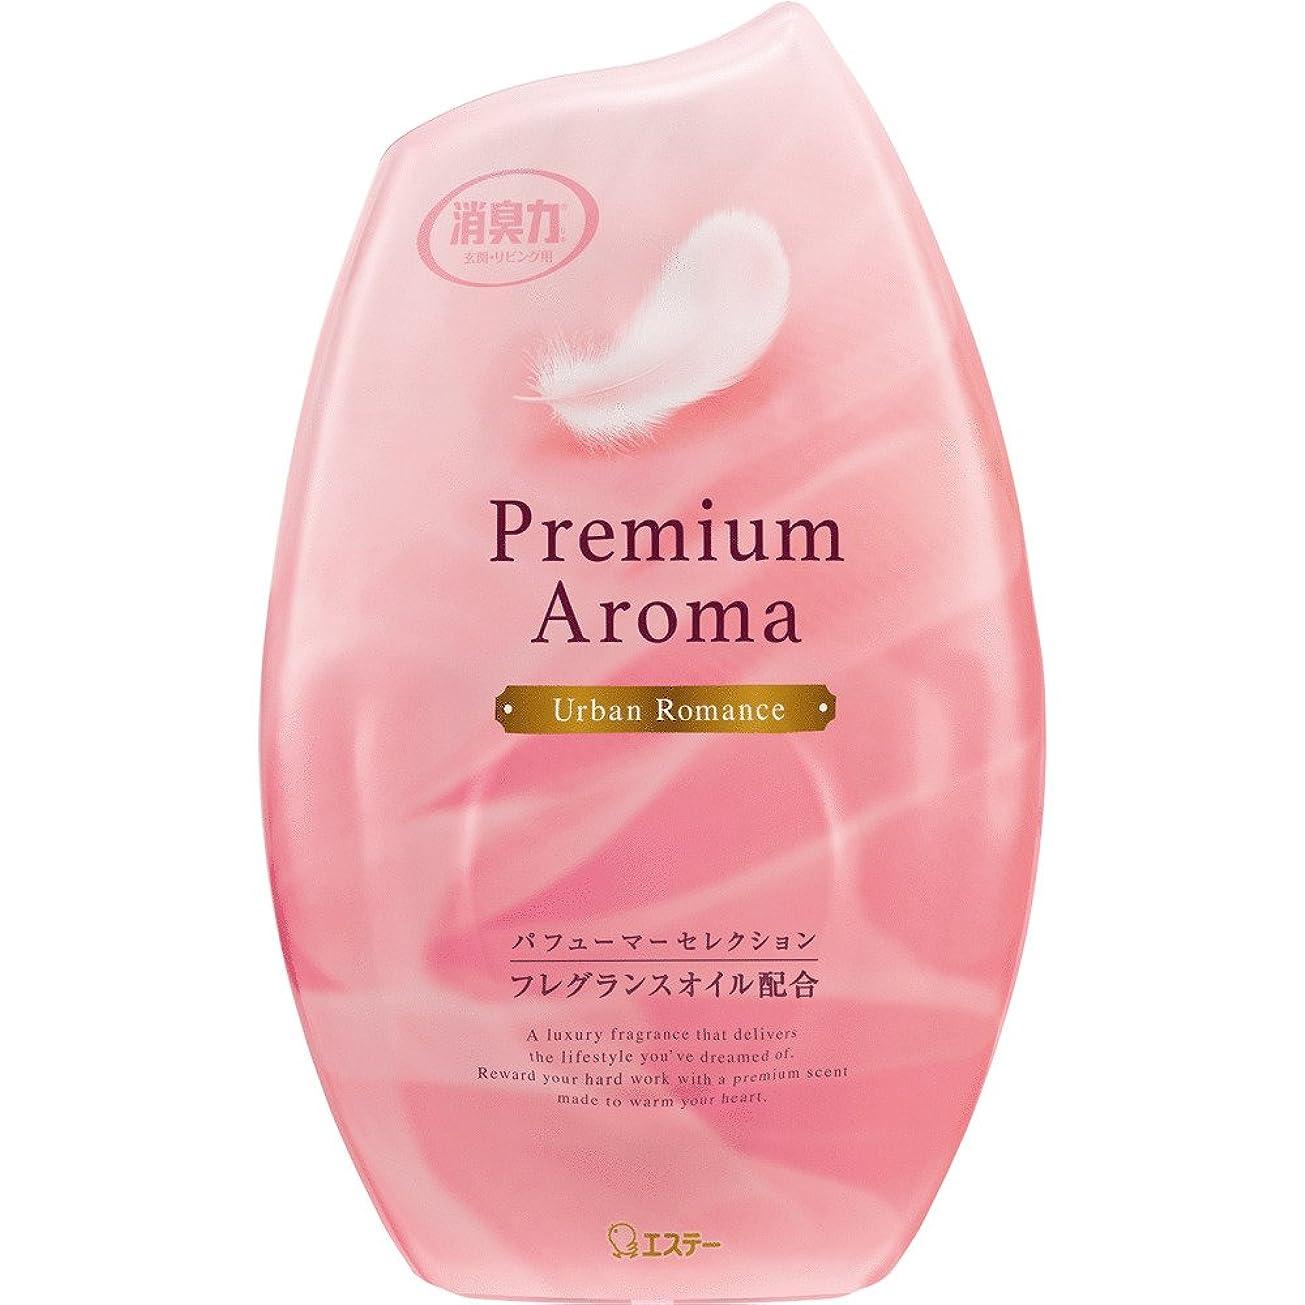 とまり木受け入れる家お部屋の消臭力 プレミアムアロマ Premium Aroma 消臭芳香剤 部屋用 部屋 アーバンロマンスの香り 400ml